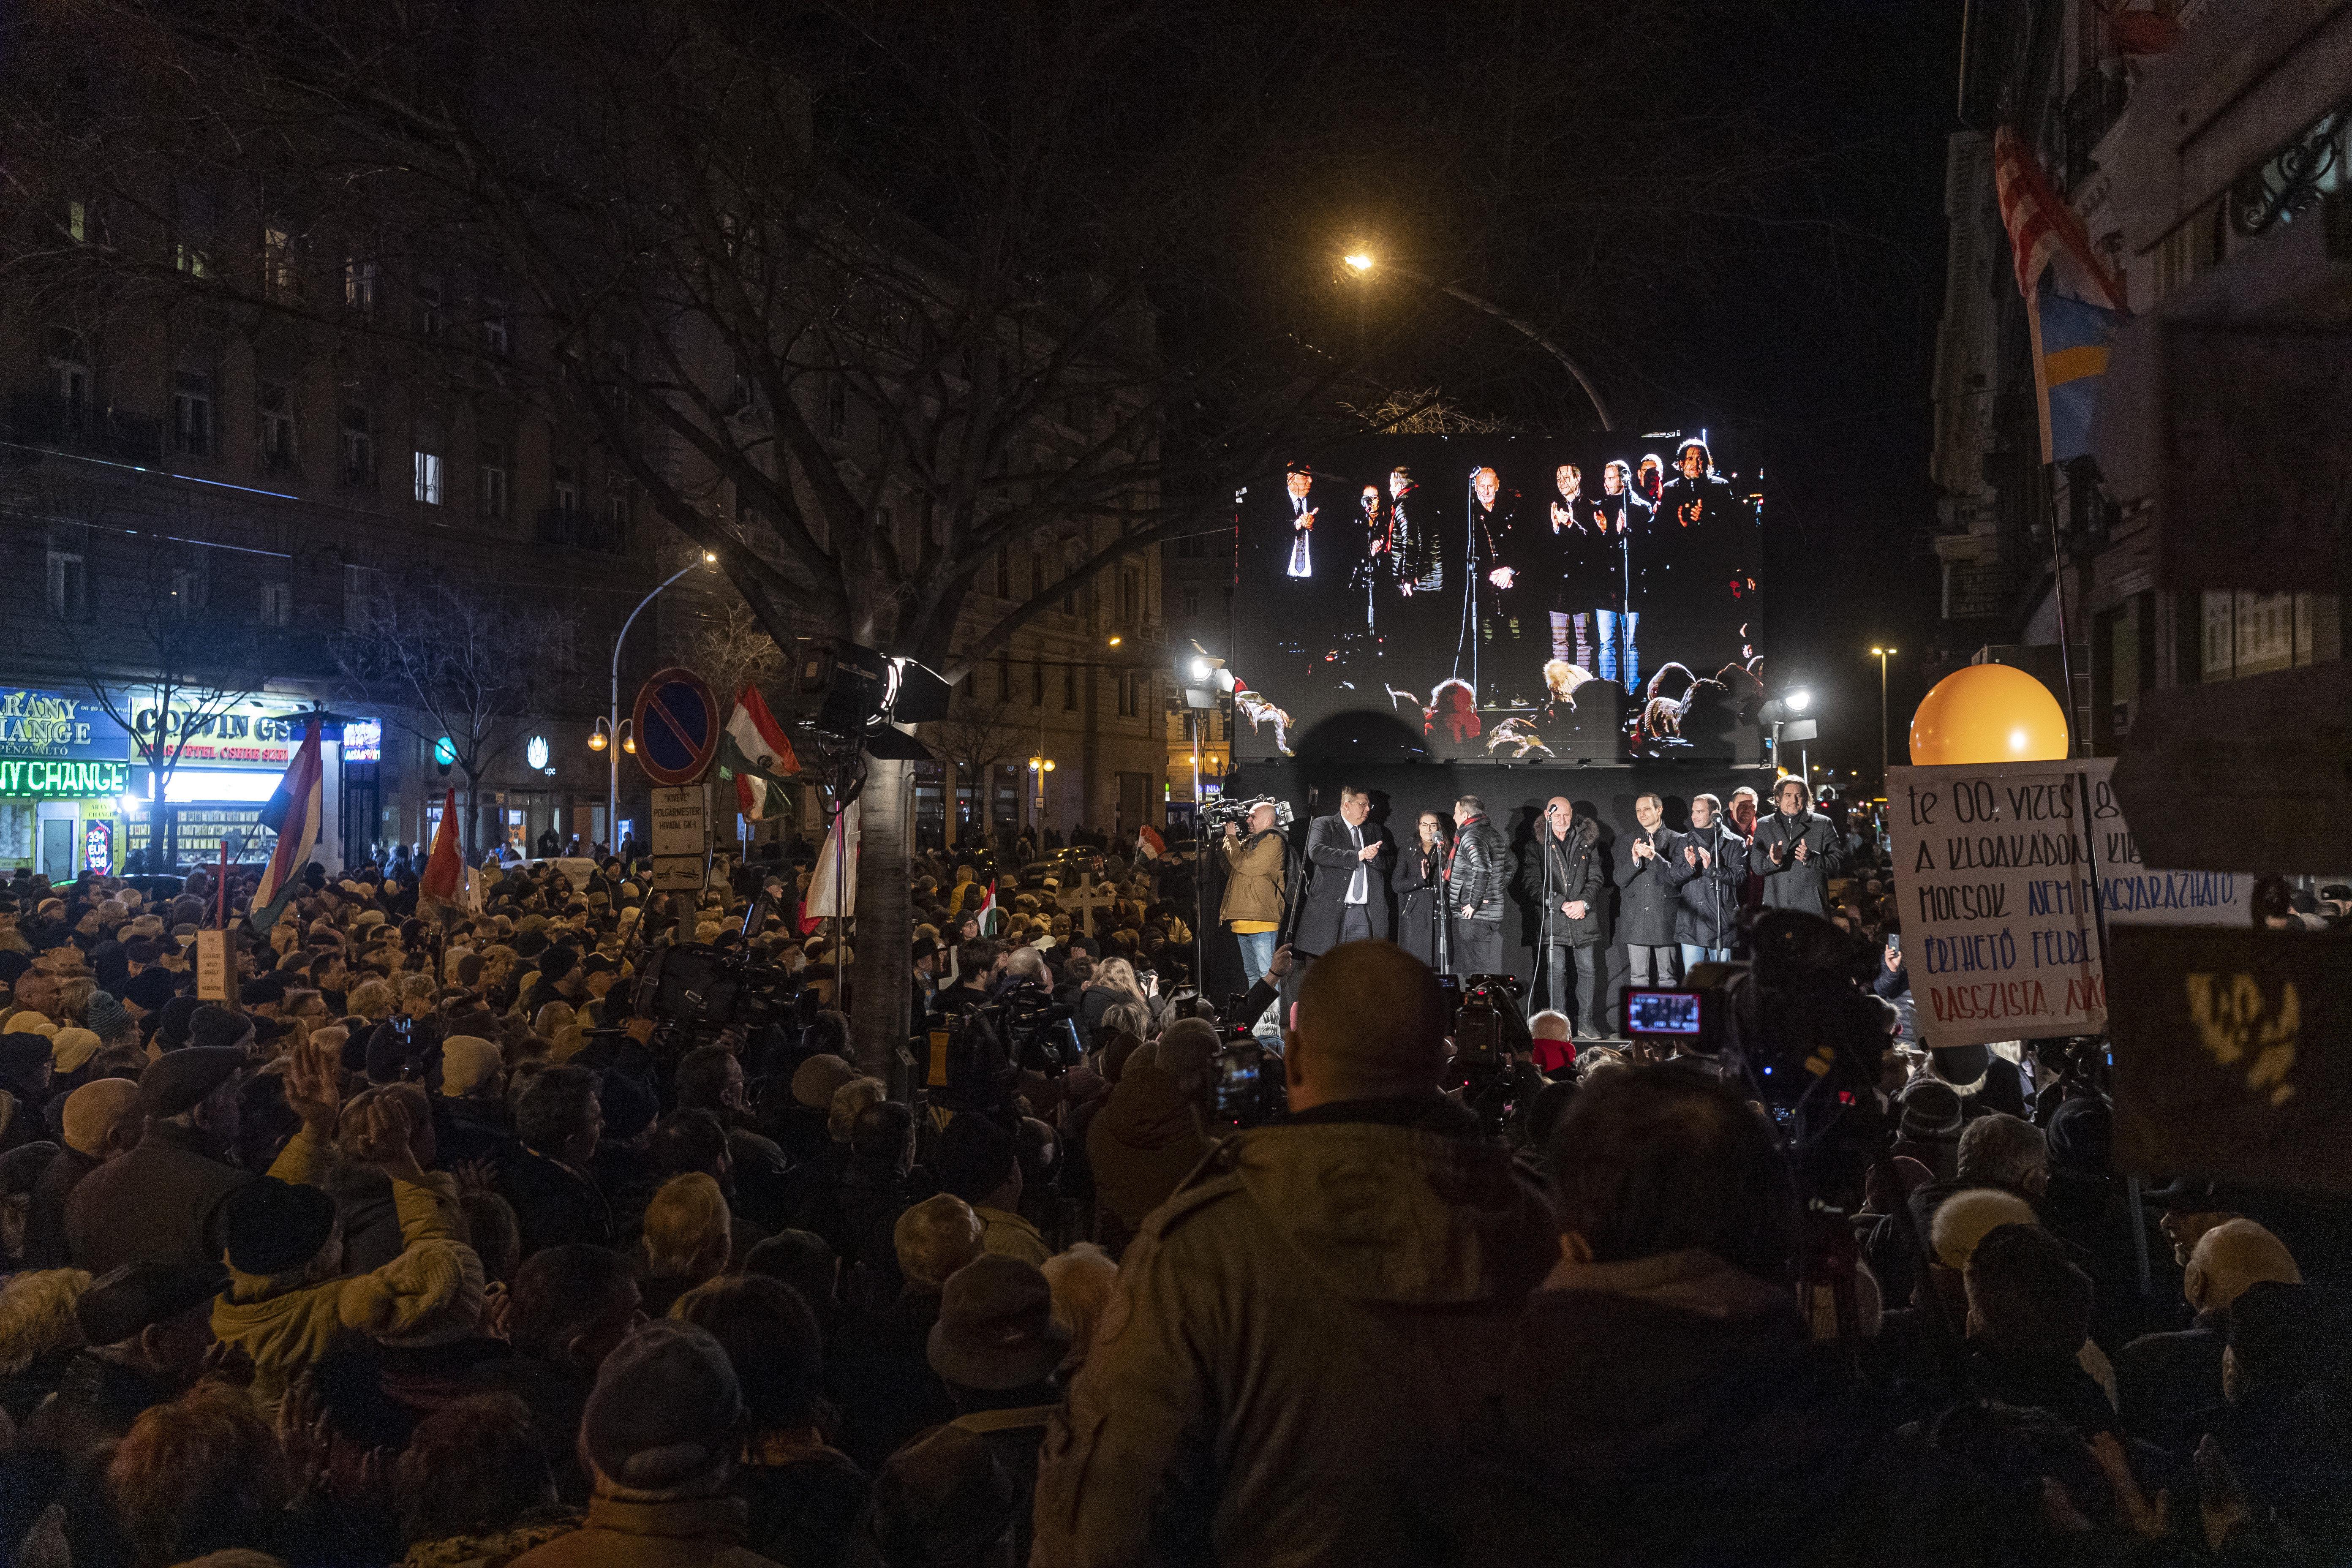 Hitziger Protest gegen Hass, Demonstranten fordern Rücktritt des Bürgermeisters post's picture